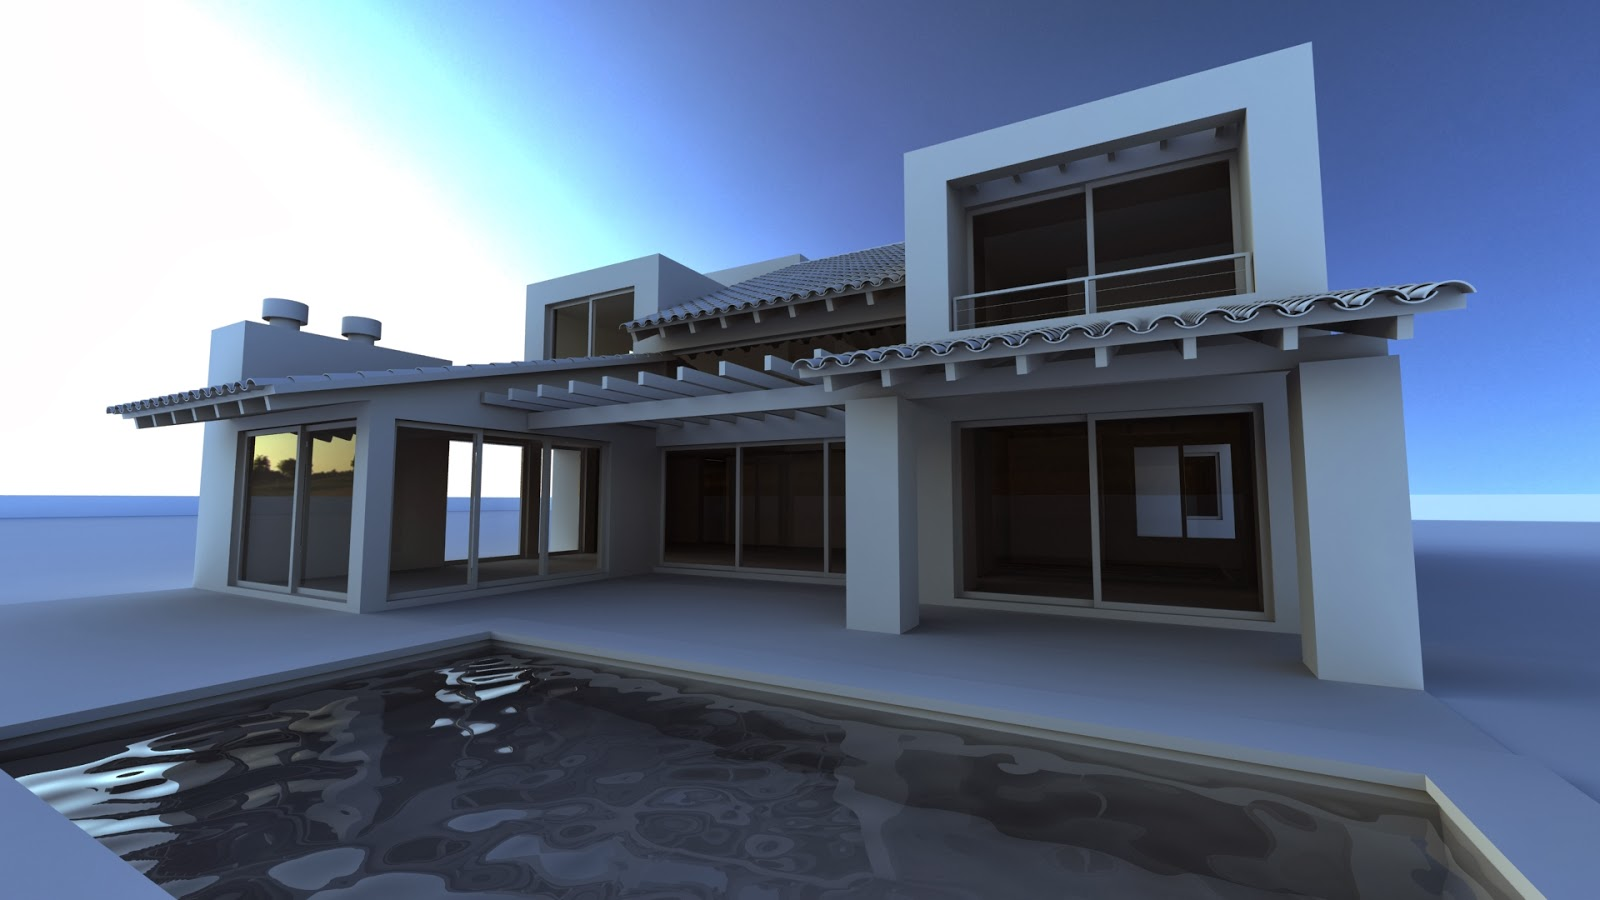 Infograf a y dise o 3d casa ckn - Diseno de casas 3d ...